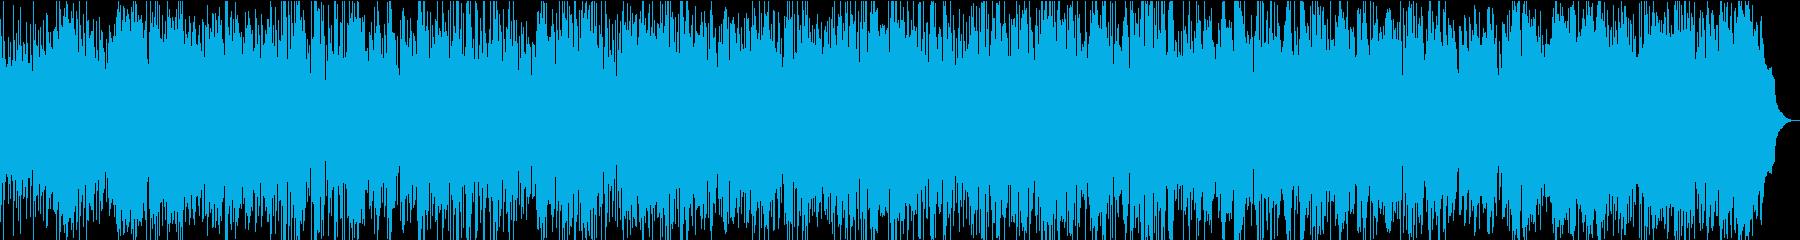 生演奏・ボサノ・フルート・店舗BGMなどの再生済みの波形